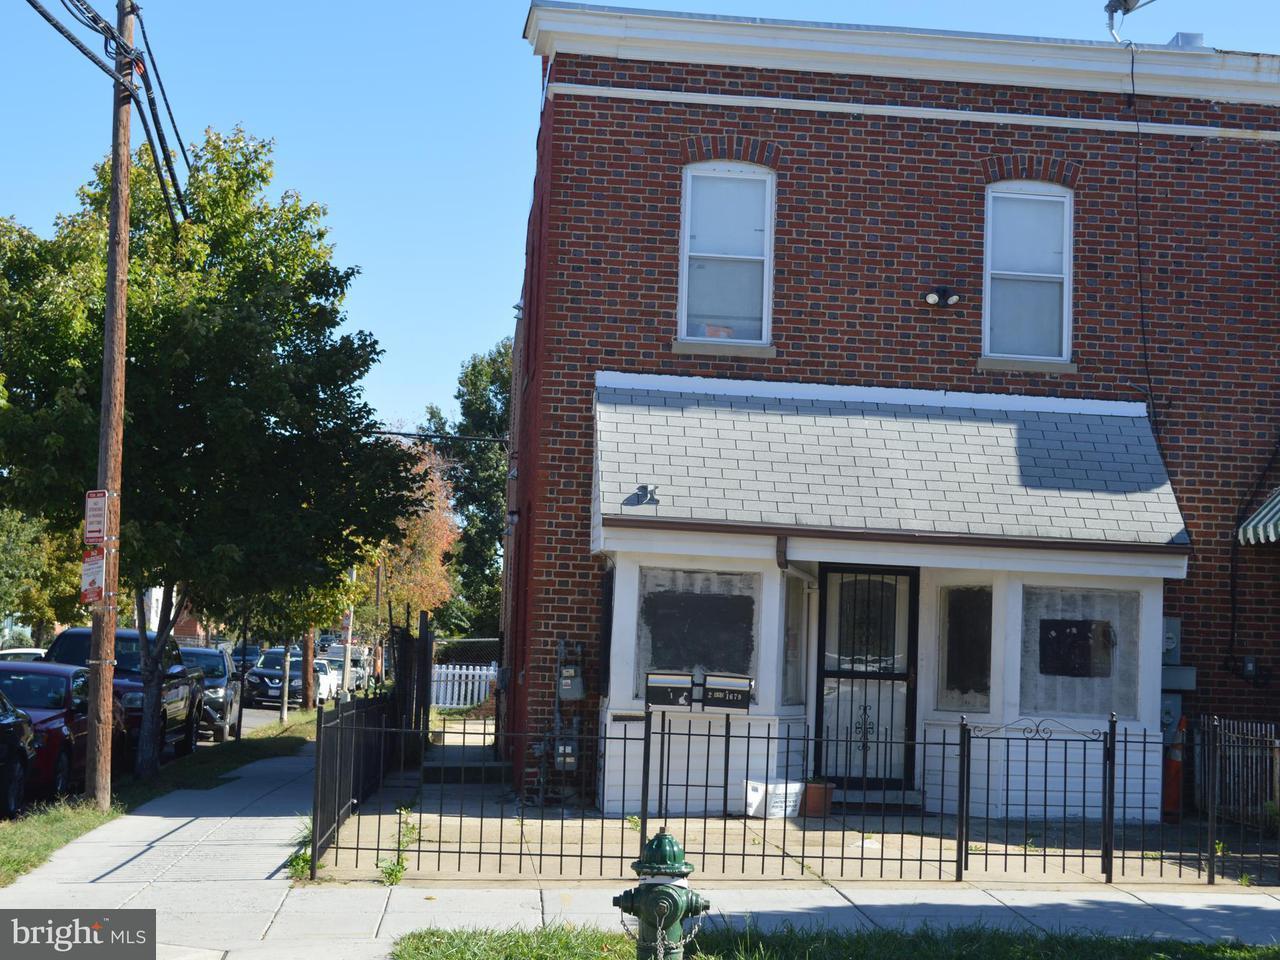 二世帯住宅 のために 売買 アット 1679 MONTELLO AVE NE 1679 MONTELLO AVE NE Washington, コロンビア特別区 20002 アメリカ合衆国